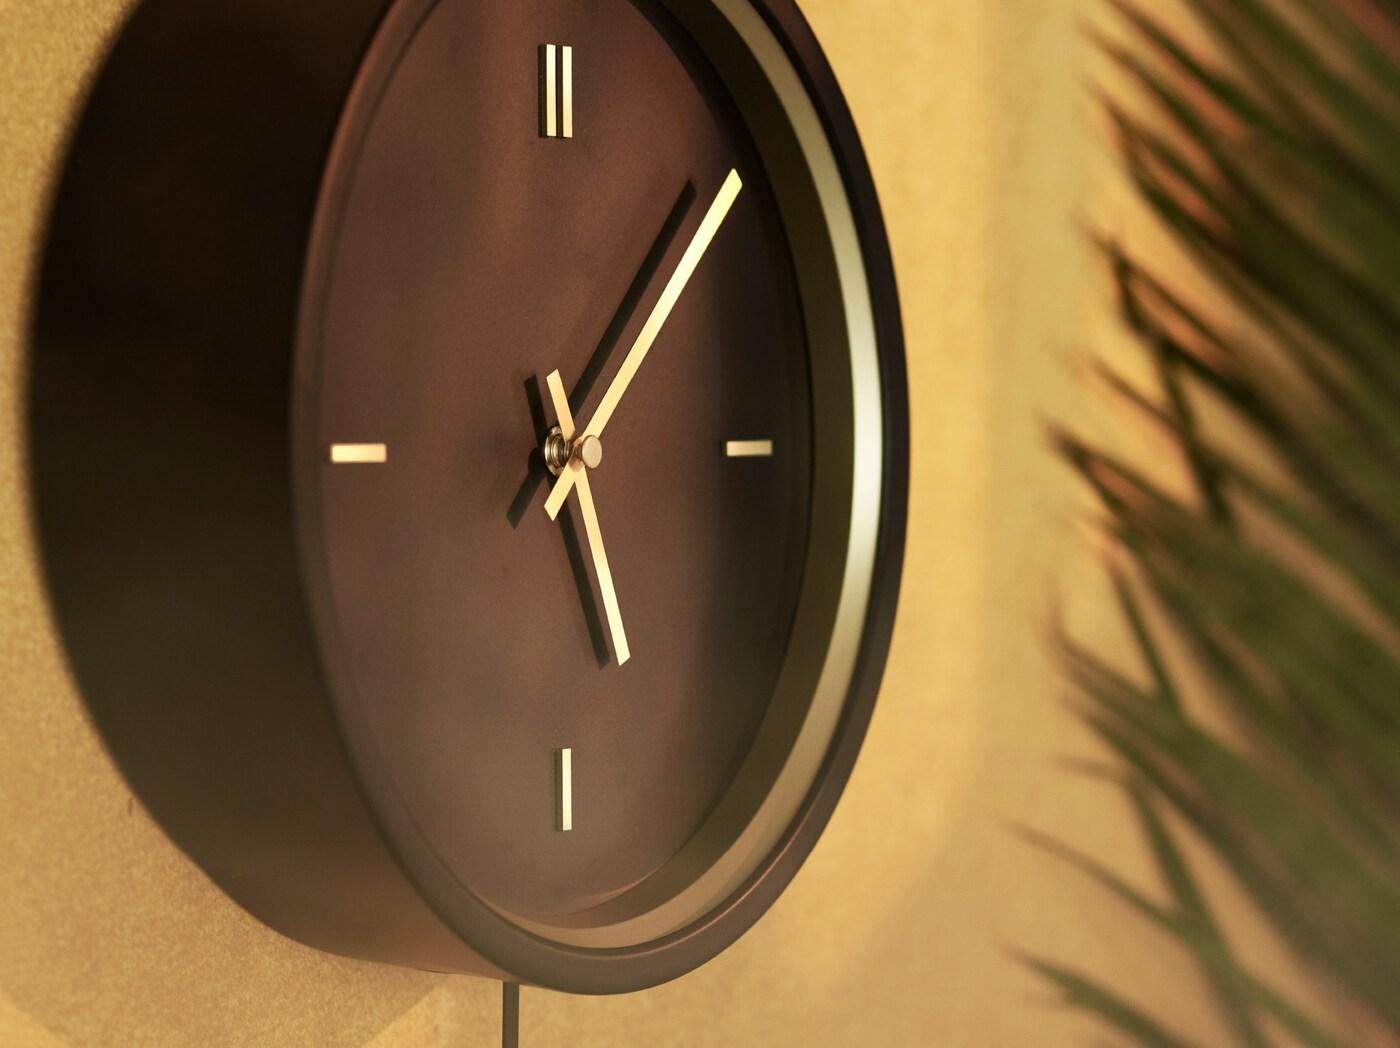 Gros plan de l'horloge murale noire STURSK avec des détails et des aiguilles dorés, accrochée sur un mur brun doré.